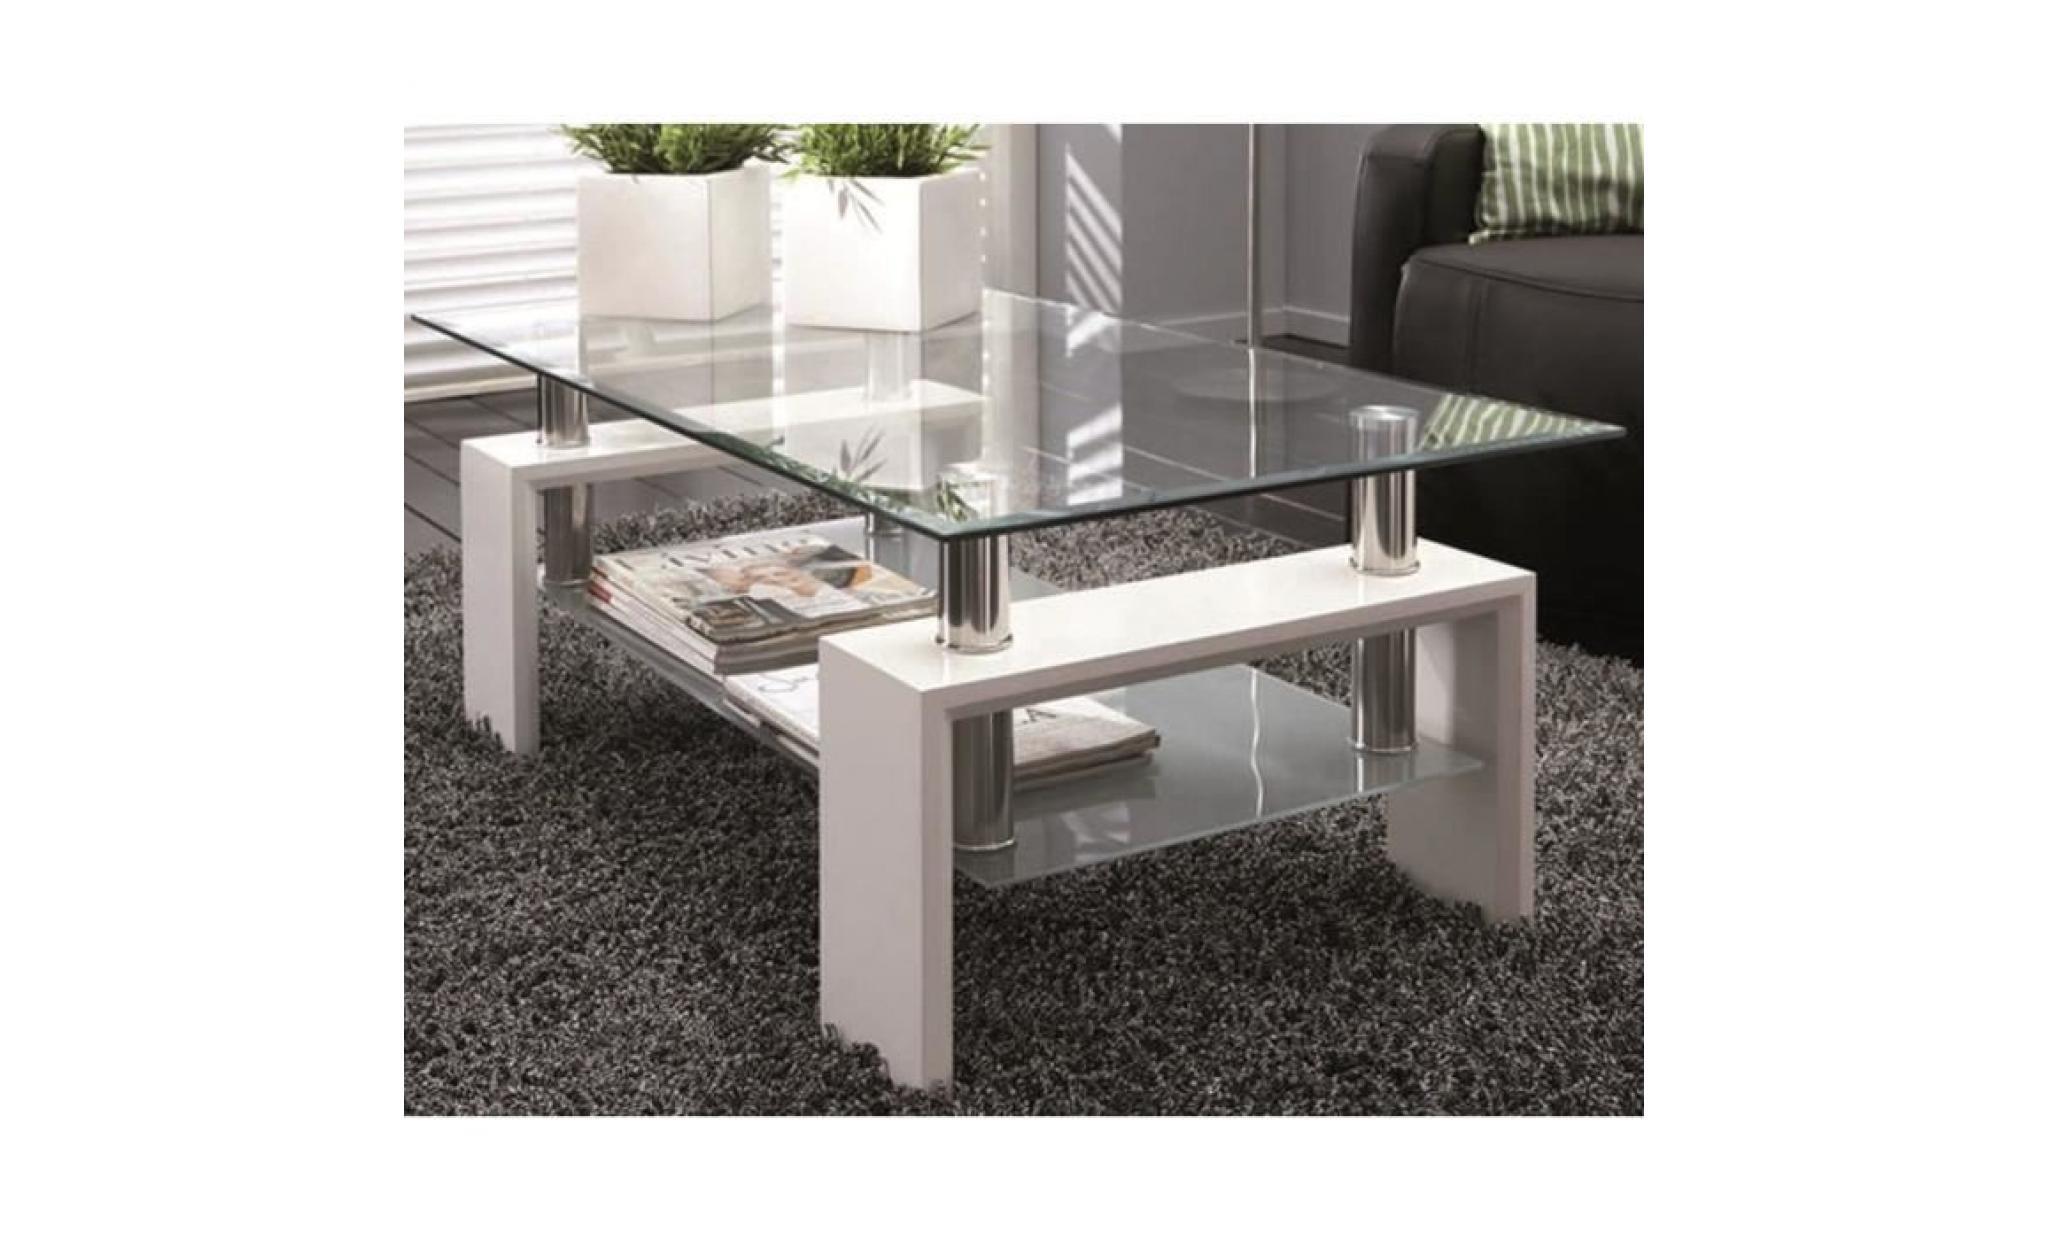 Blanc Laqué Basse Table Burgos Table Laqué Basse Burgos Table Basse Blanc 3KJuFcT1l